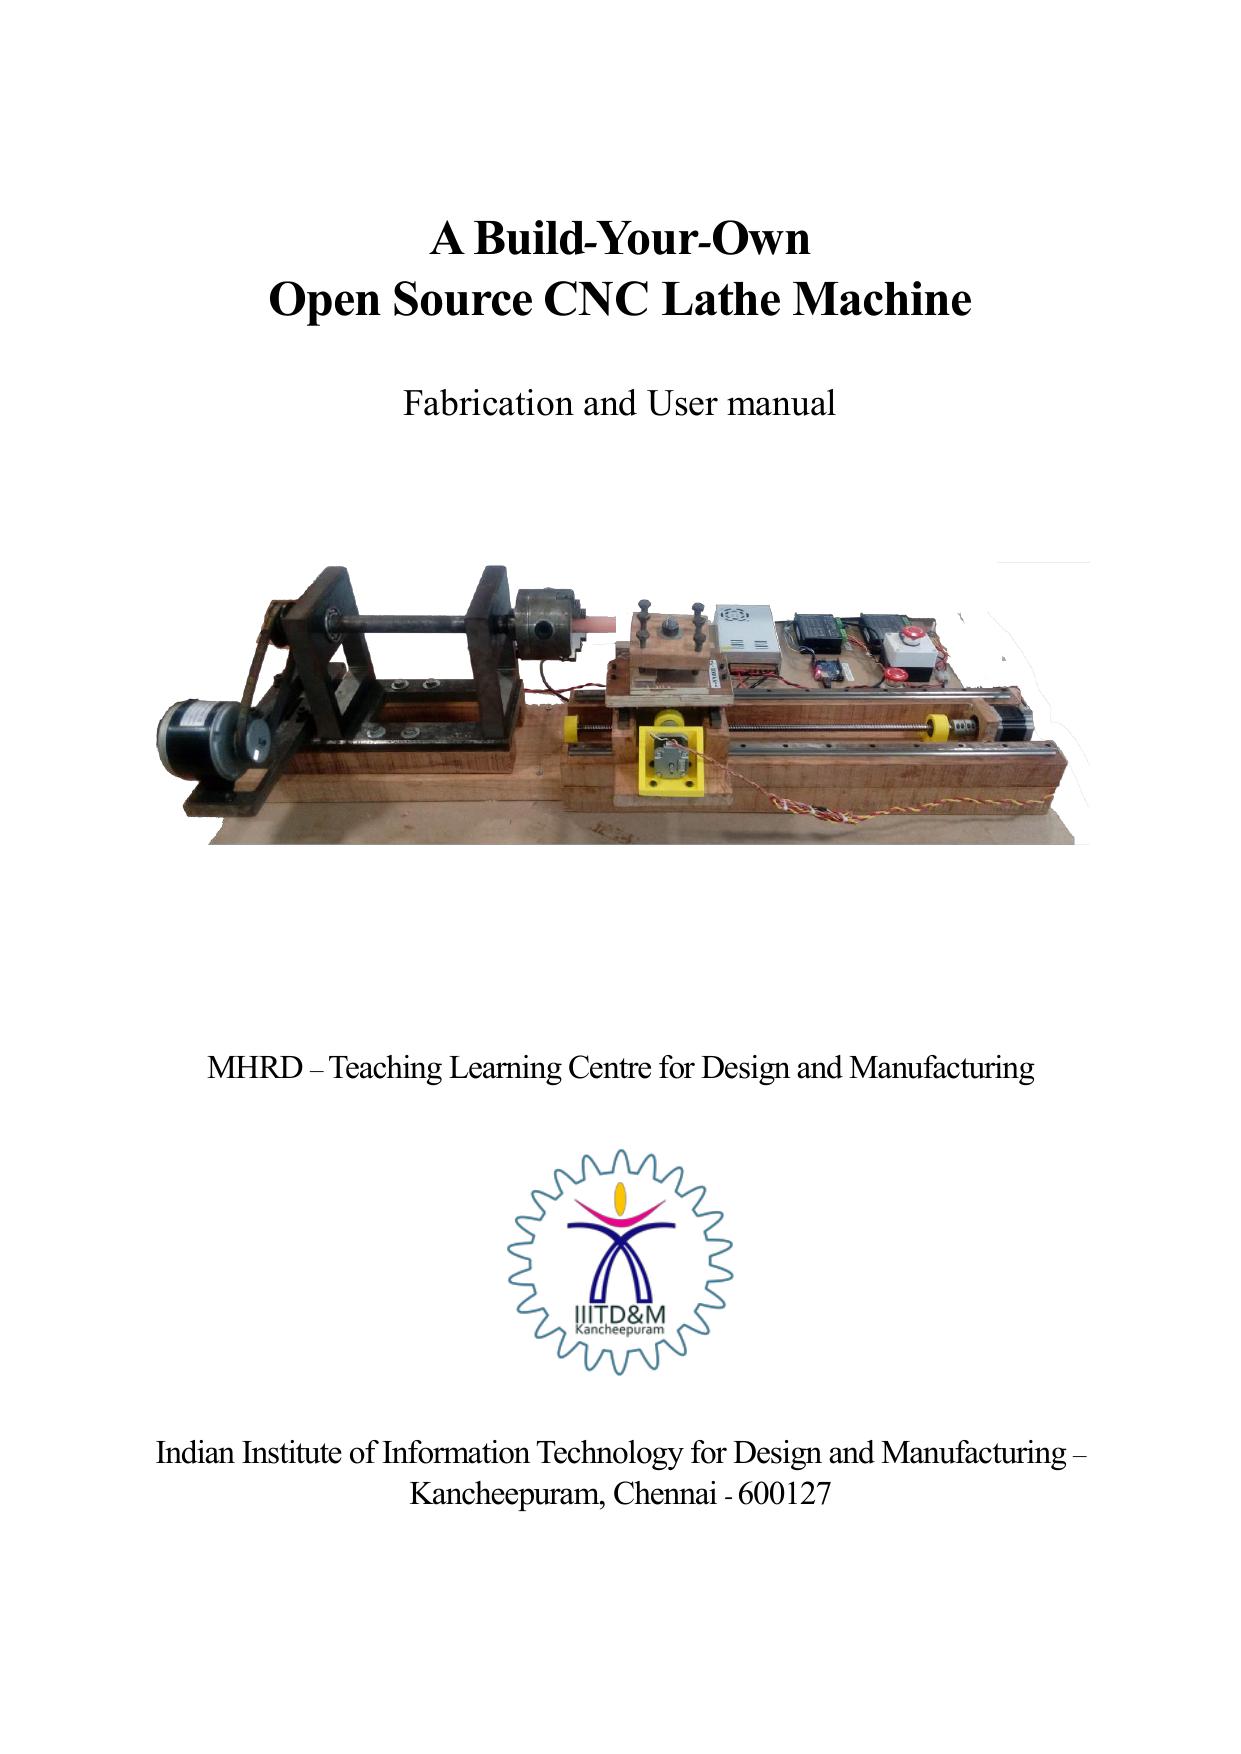 A Build-Your-Own Open Source CNC Lathe Machine - TLC